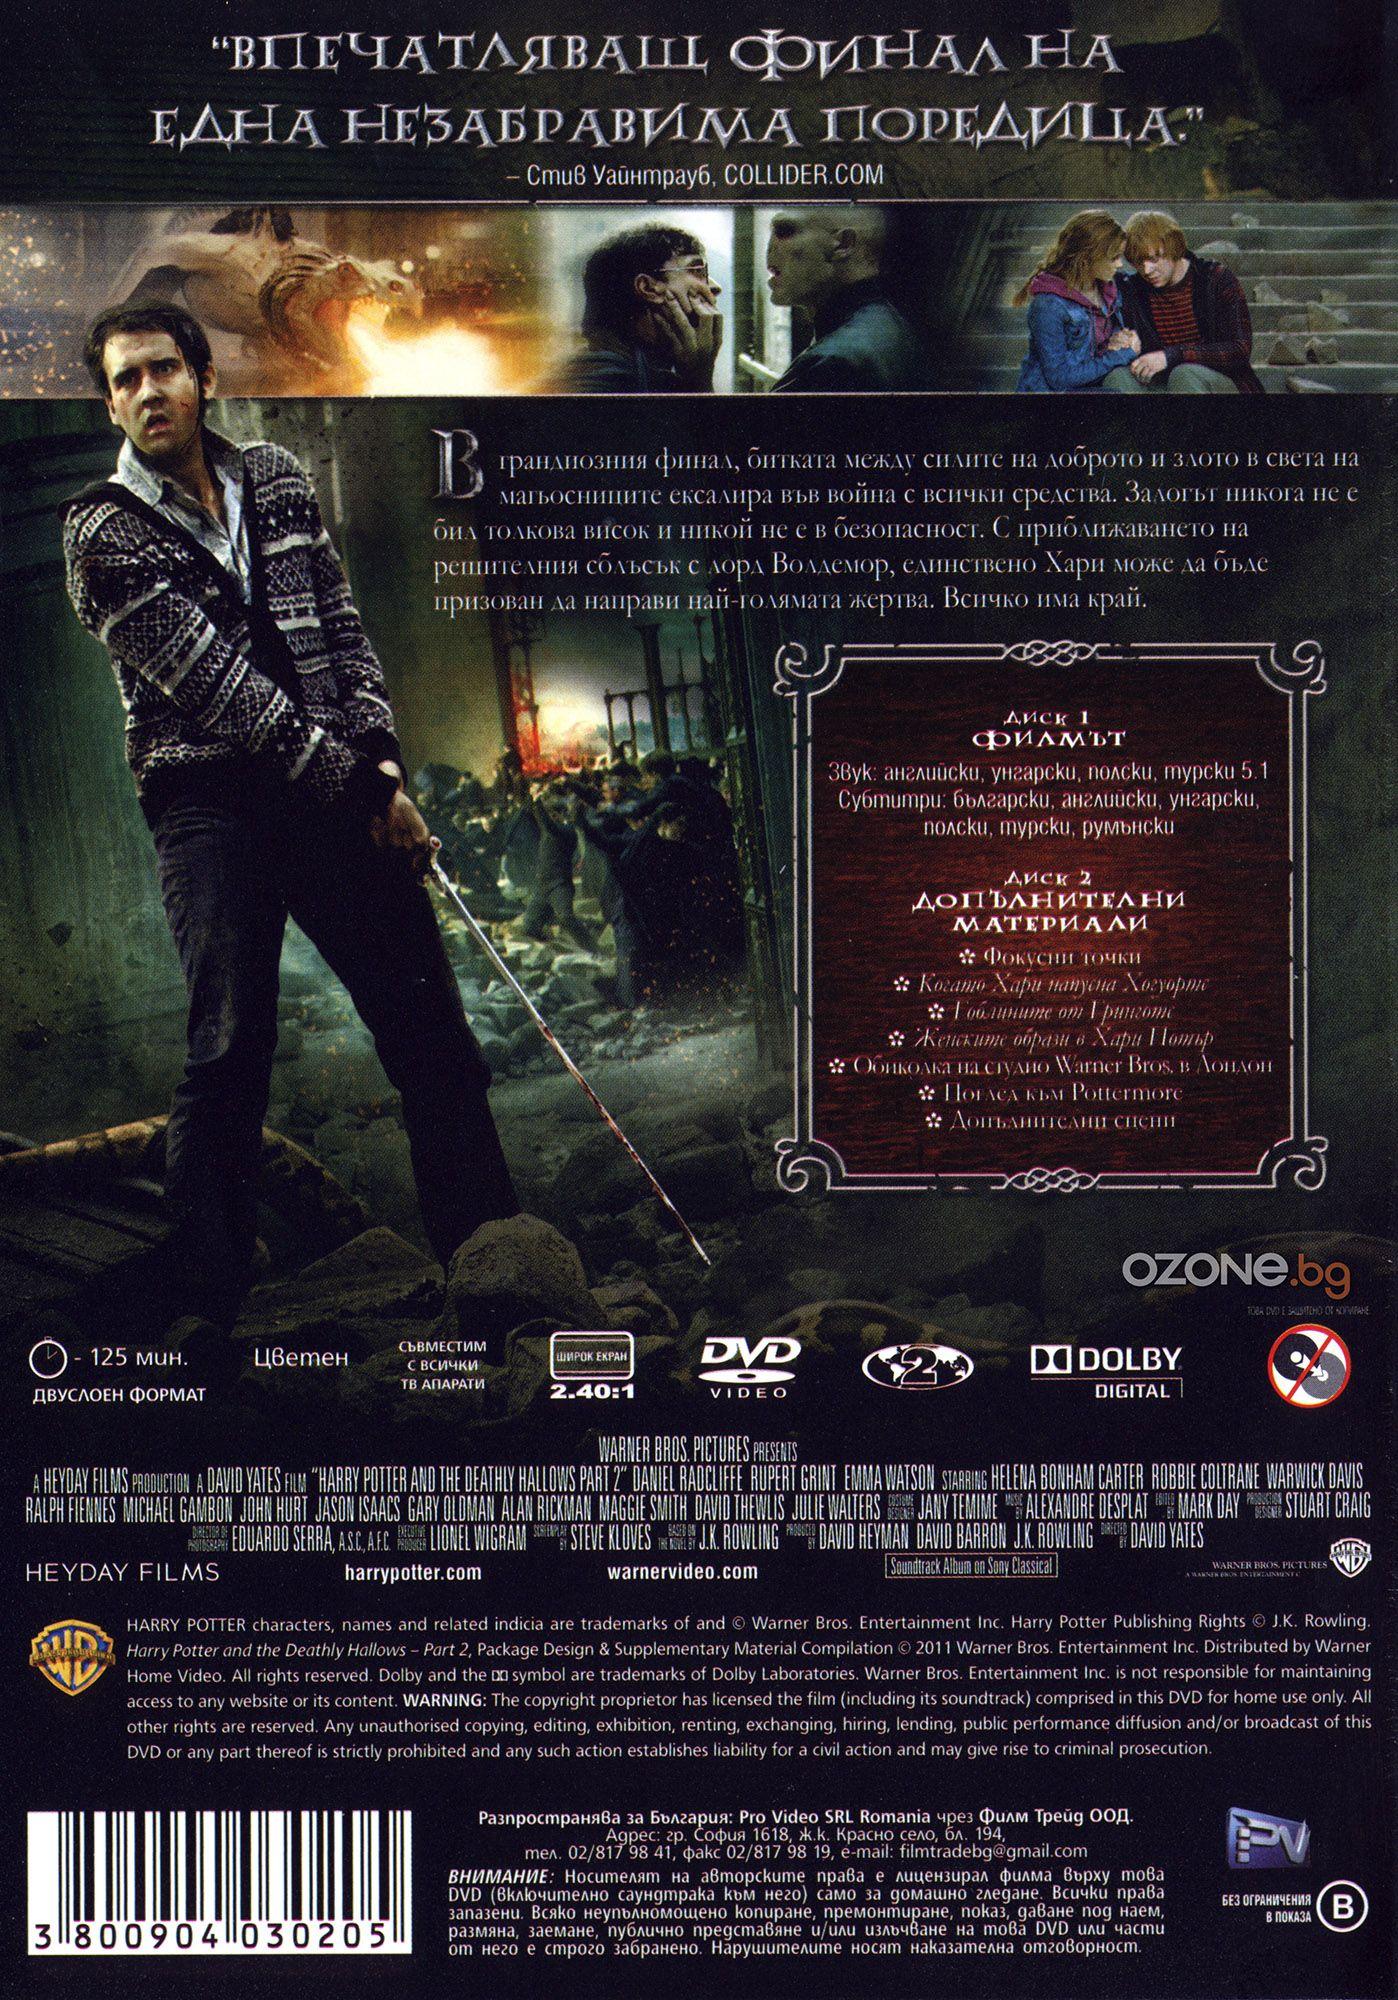 Хари Потър и Даровете на смъртта: Част 2 - Специално издание в 2 диска (DVD) - 2